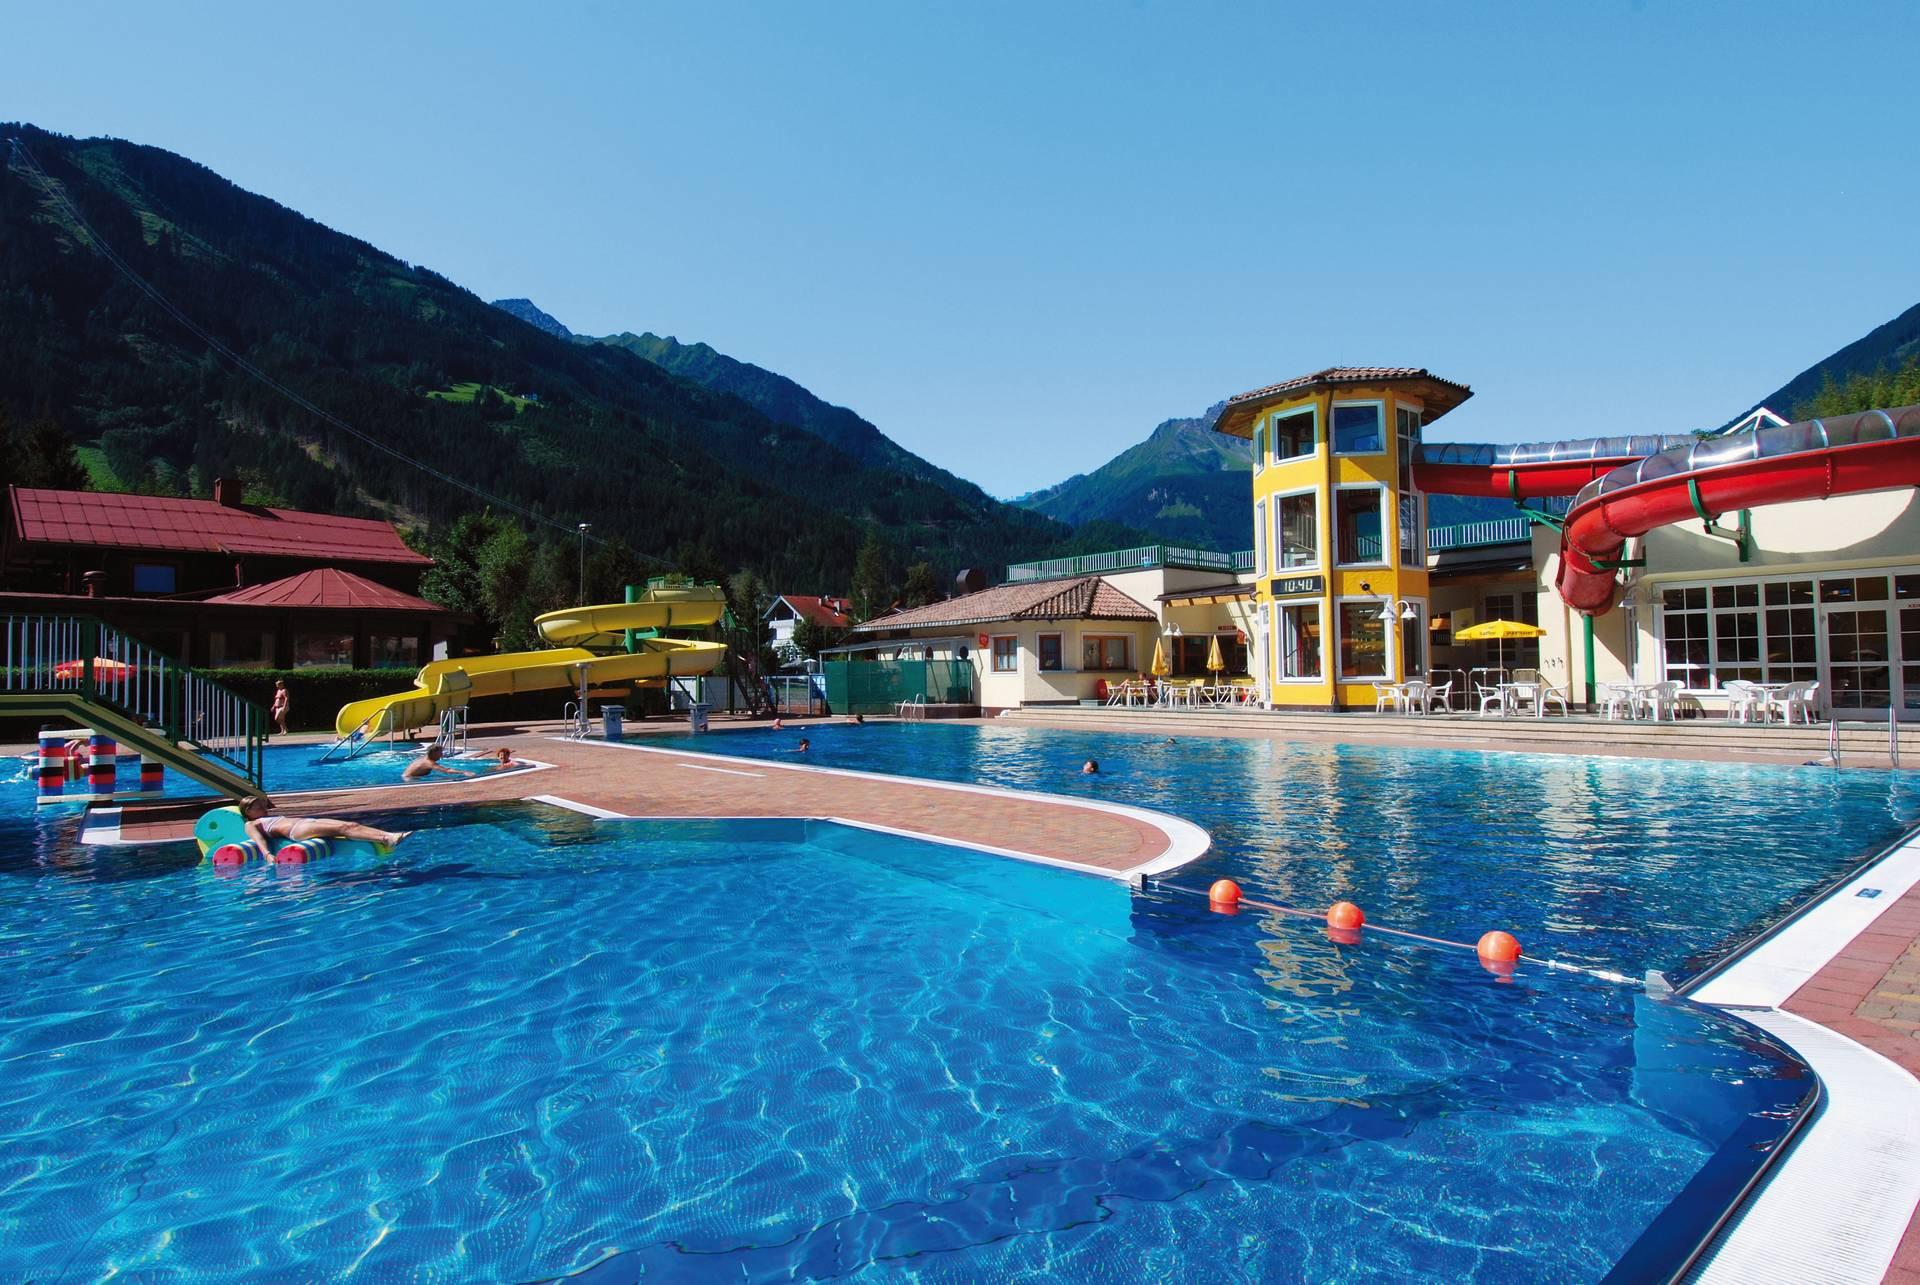 Das Erlebnisbad Mayrhofen bietet einen großzügigen Outdoorpool für viel Badespaß.